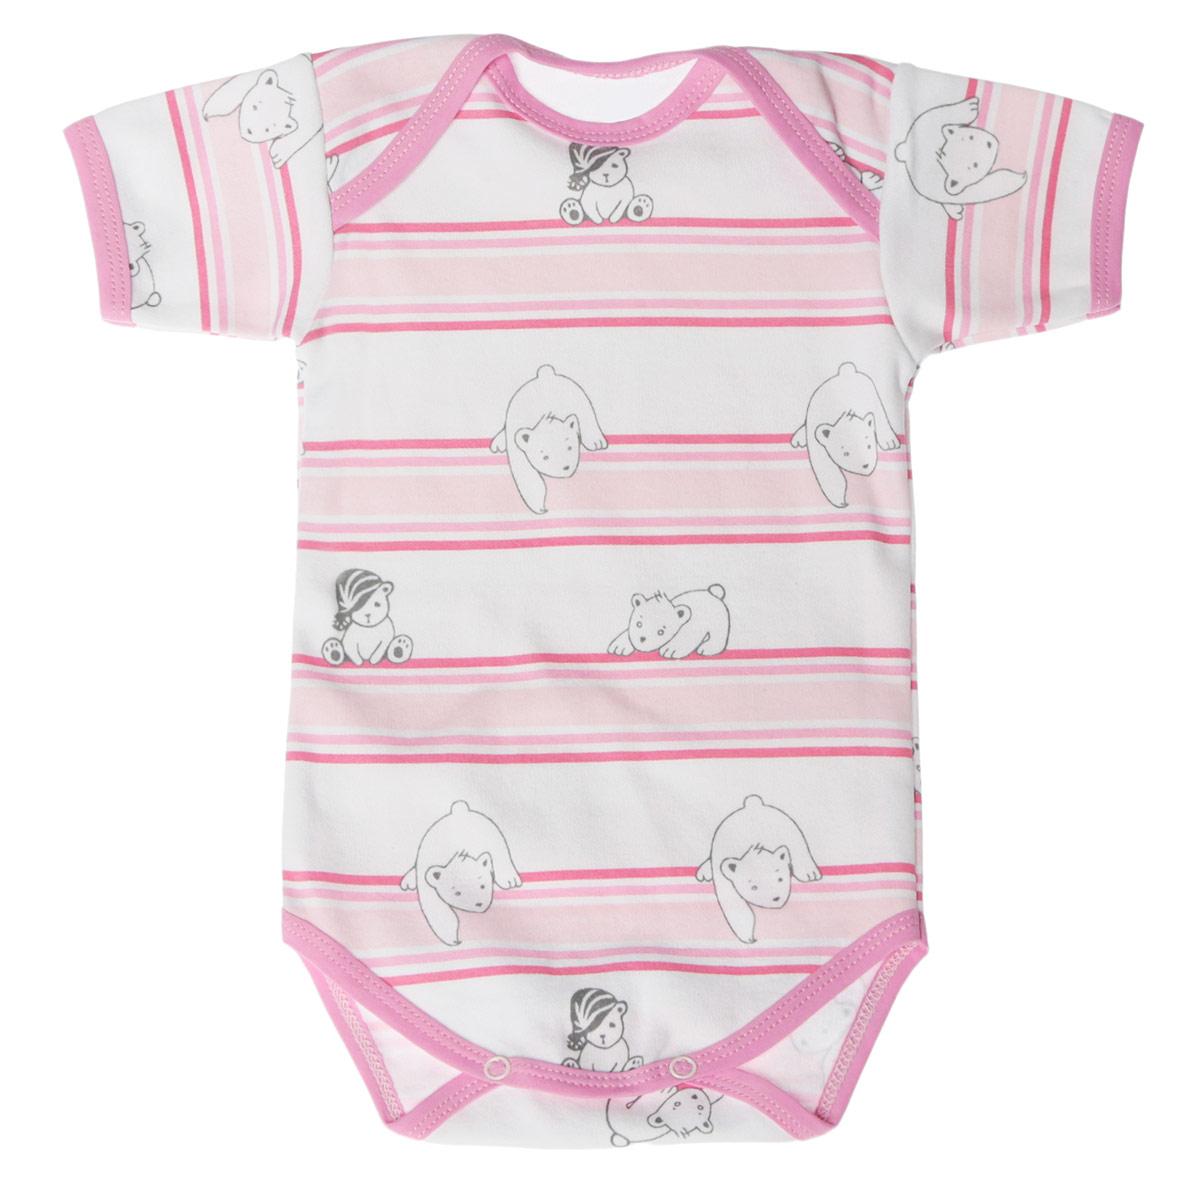 Боди-футболка детская Трон-плюс, цвет: белый, розовый. 5873_мишка, полоска. Размер 56, 1 месяц5873_мишка, полоскаУдобное детское боди-футболка Трон-плюс послужит идеальным дополнением к гардеробу вашего крохи, обеспечивая ему наибольший комфорт. Боди с короткими рукавами и круглым вырезом горловины изготовлено из интерлока -натурального хлопка, благодаря чему оно необычайно мягкое и легкое, не раздражает нежную кожу ребенка и хорошо вентилируется, а эластичные швы приятны телу младенца и не препятствуют его движениям. Удобные запахи на плечах и кнопки на ластовице помогают легко переодеть ребенка или сменить подгузник. Вырез горловины, запахи, низ рукавов и ластовица дополнены бейкой. Оформлена модель принтом в полоску, а также изображениями медвежат. Боди полностью соответствует особенностям жизни ребенка в ранний период, не стесняя и не ограничивая его в движениях. В нем ваш ребенок всегда будет в центре внимания.